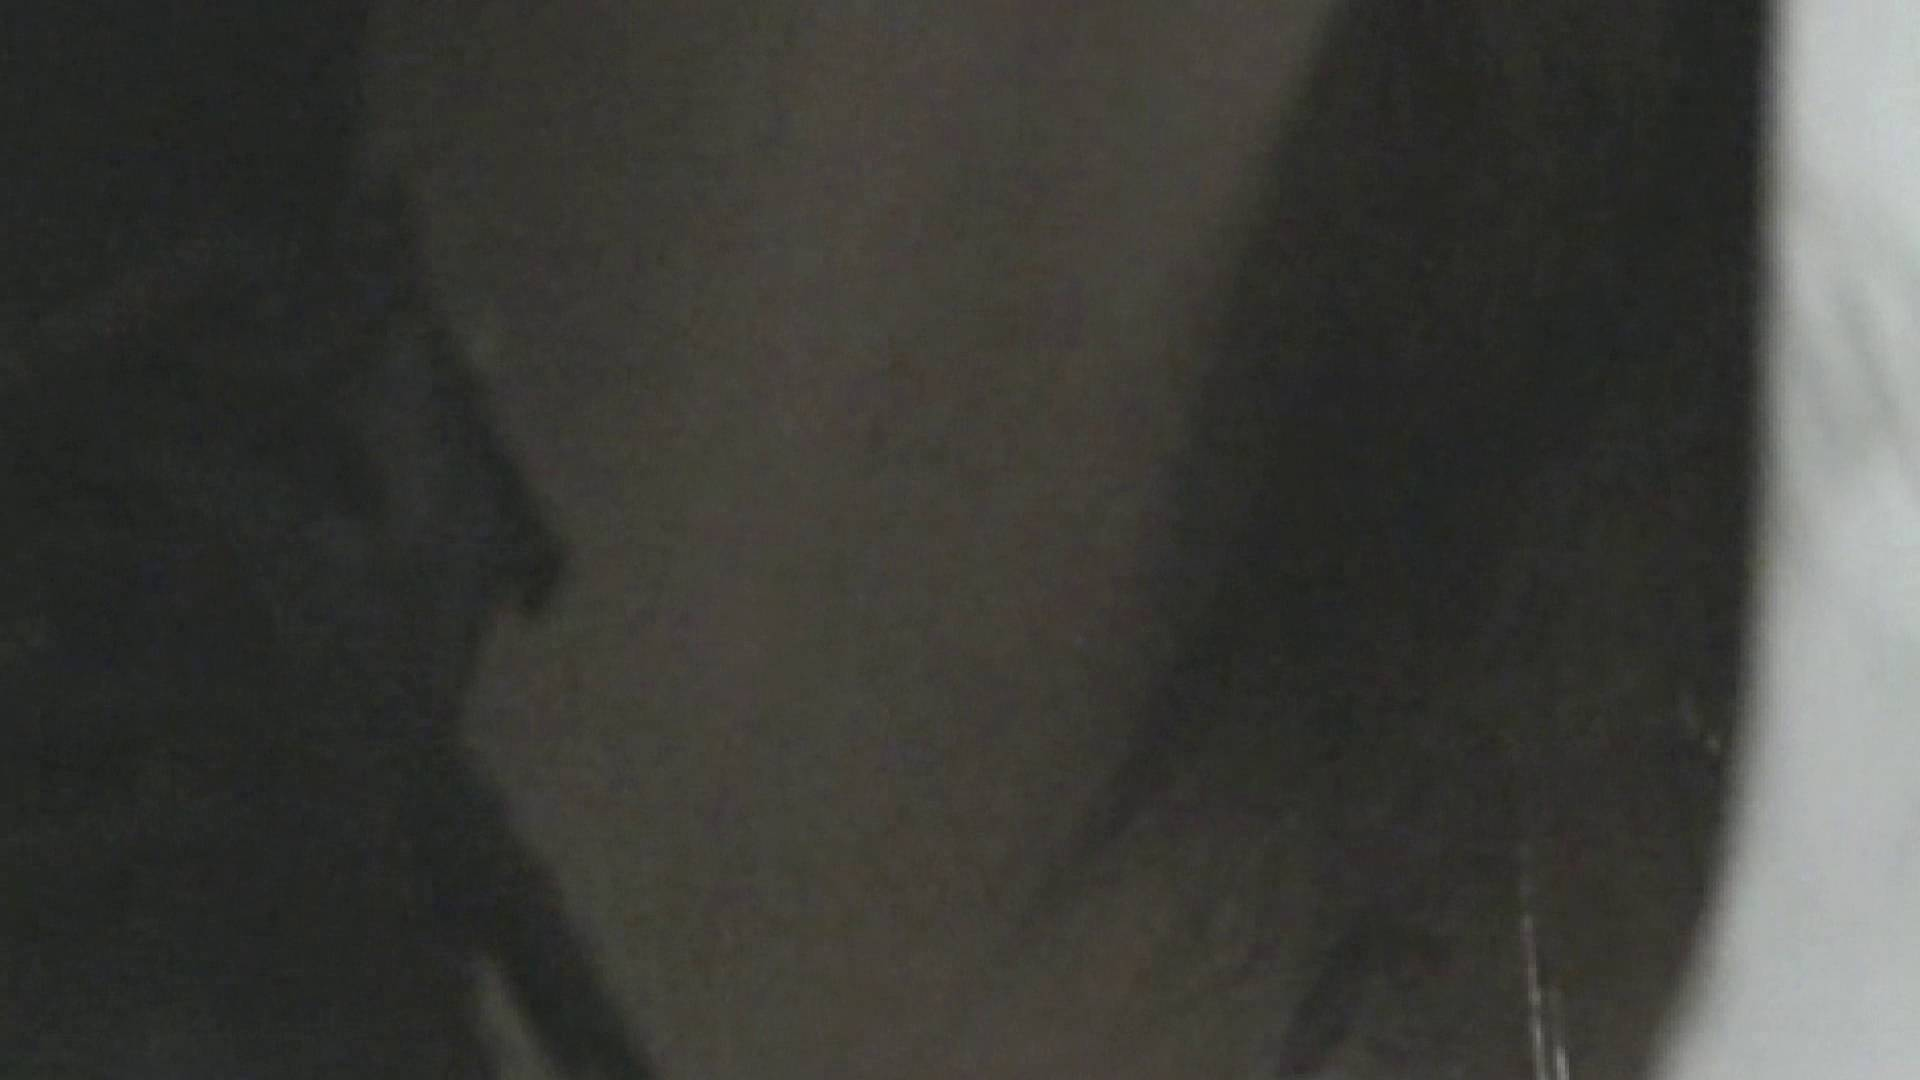 ロックハンドさんの盗撮記録File.64 オマンコ | 潜入シリーズ  62pic 56